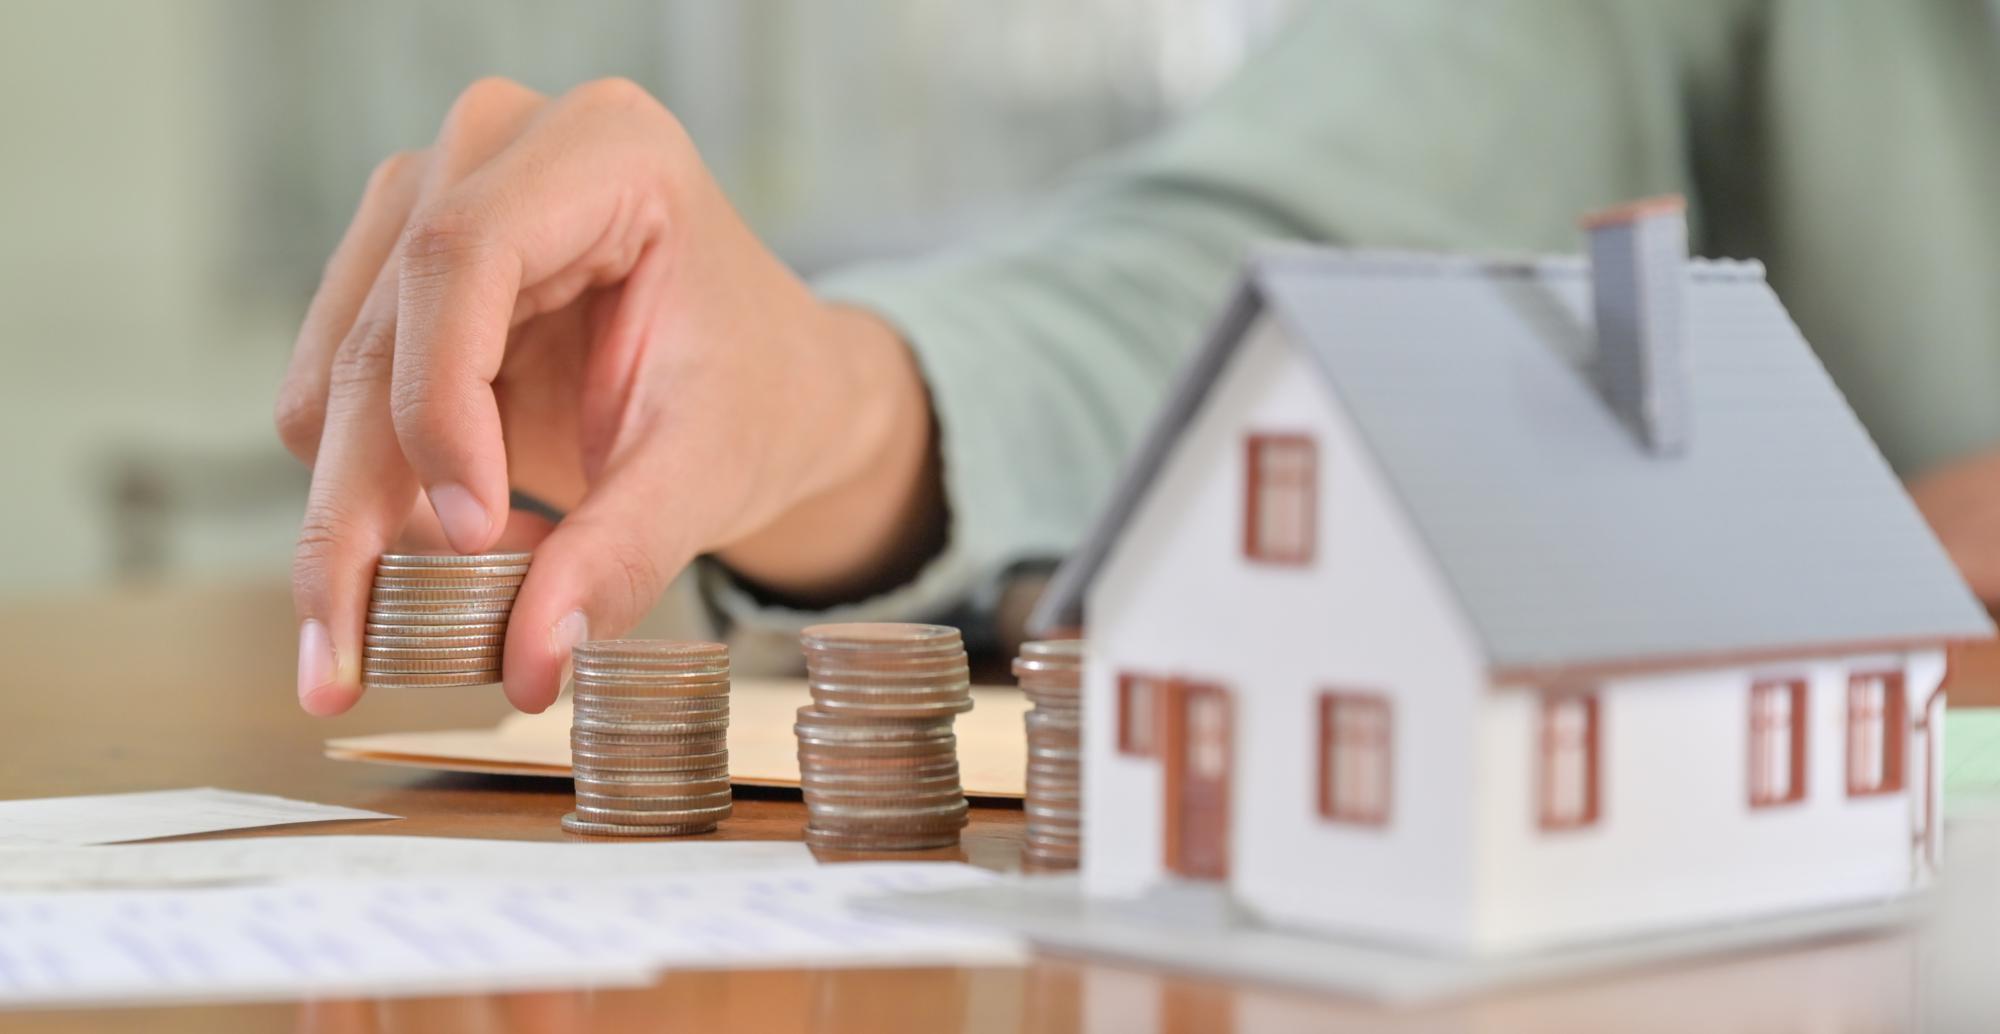 Минфин разъясняет особенности исчисления налога на имущество организаций